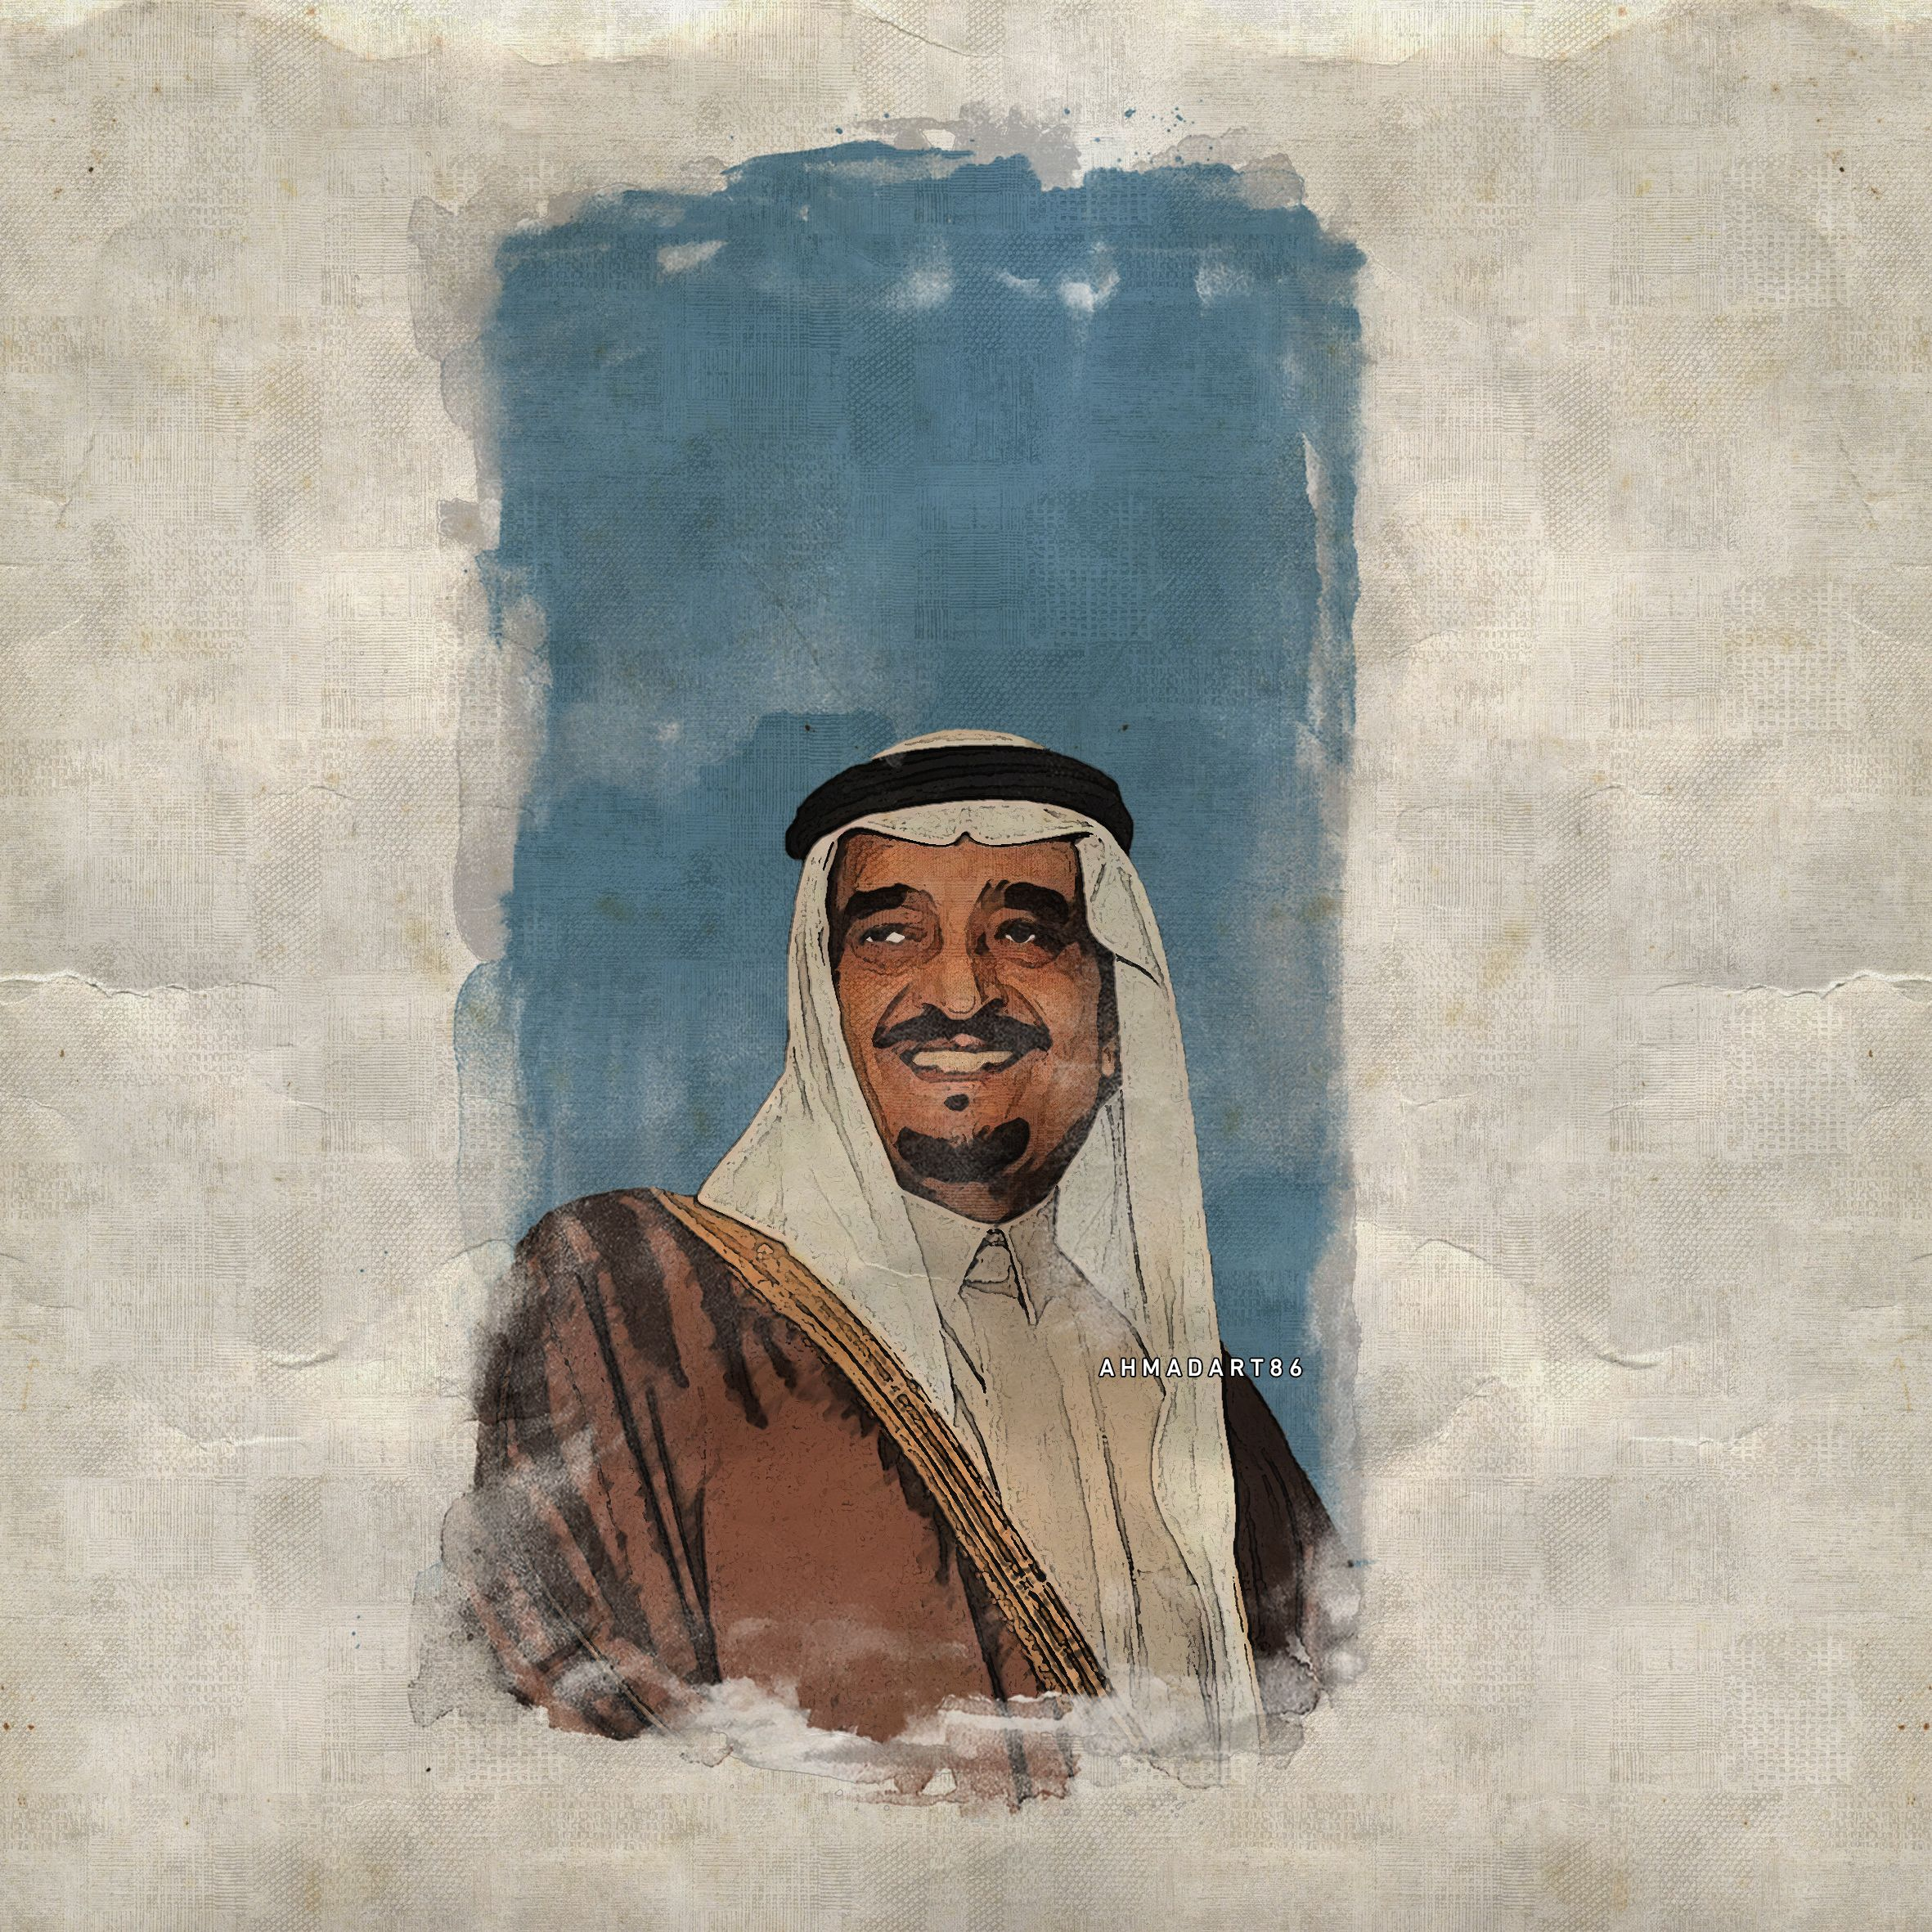 الملك فهد بن عبدالعزيز King Fahad Bin Abdulaziz Al Saud Art Painting Pop Art